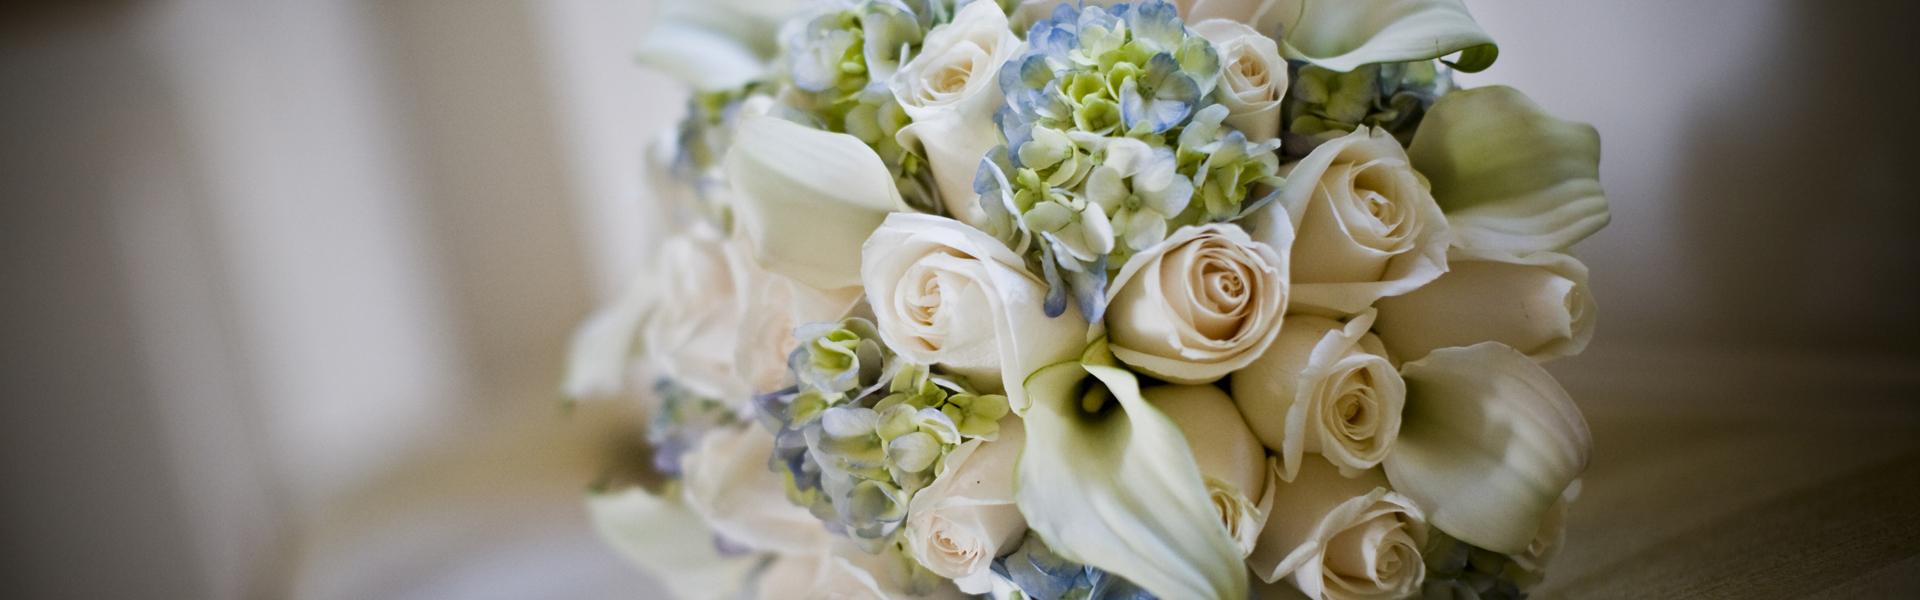 Westchester Floral Decorators